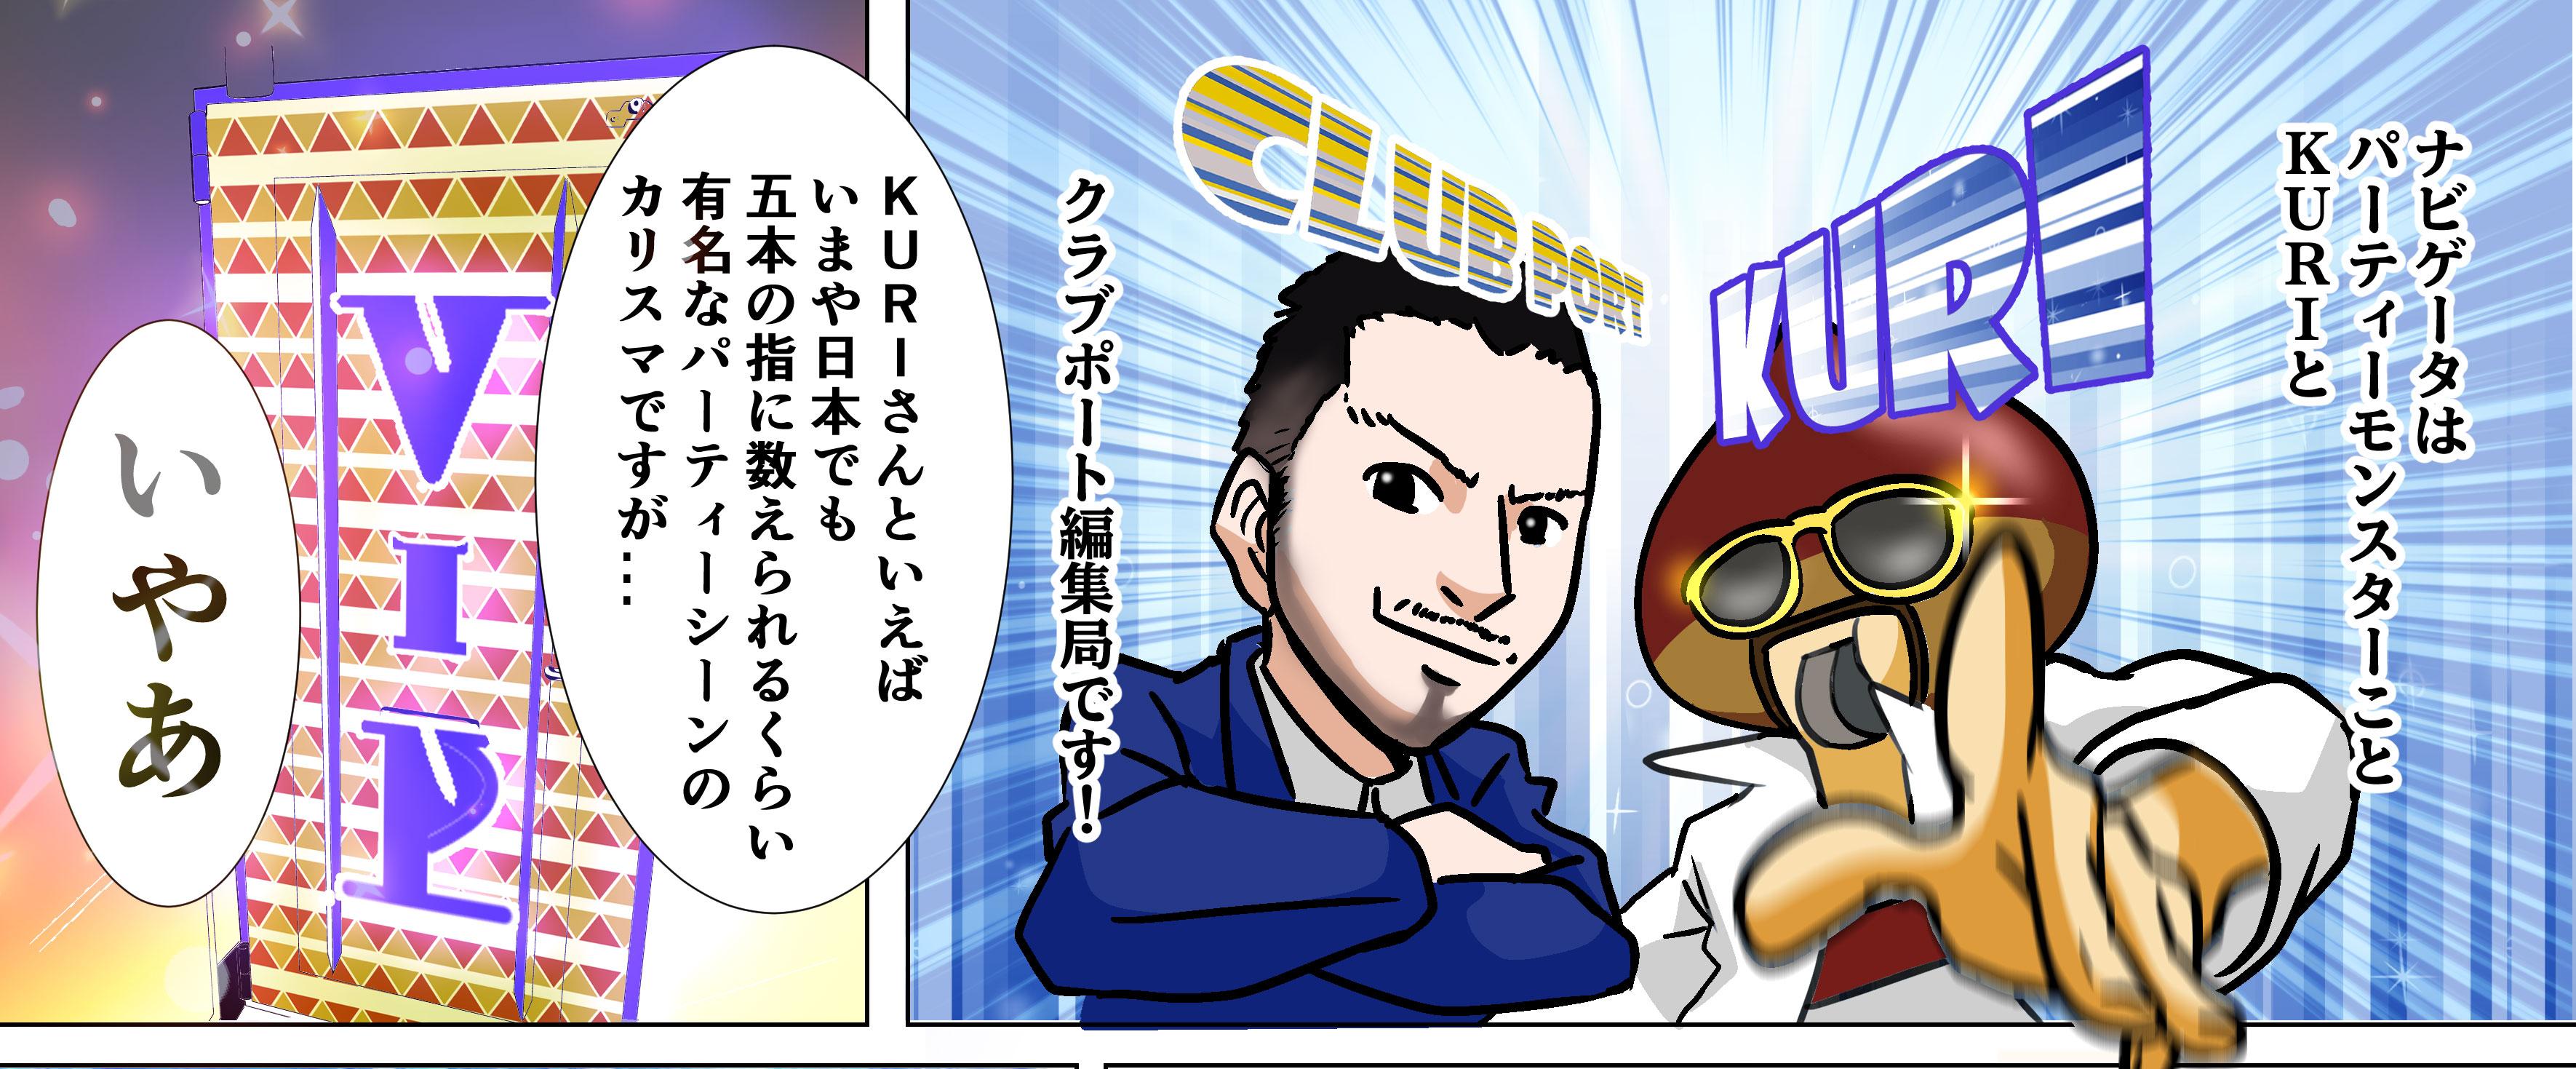 ナビゲーターはPARTY MONSTERことKURIと、クラブポート編集局! KURIさんといえば今や日本でも五本の指に数えられるぐらい有名なパーティーシーンのカリスマですが・・・ いやぁ